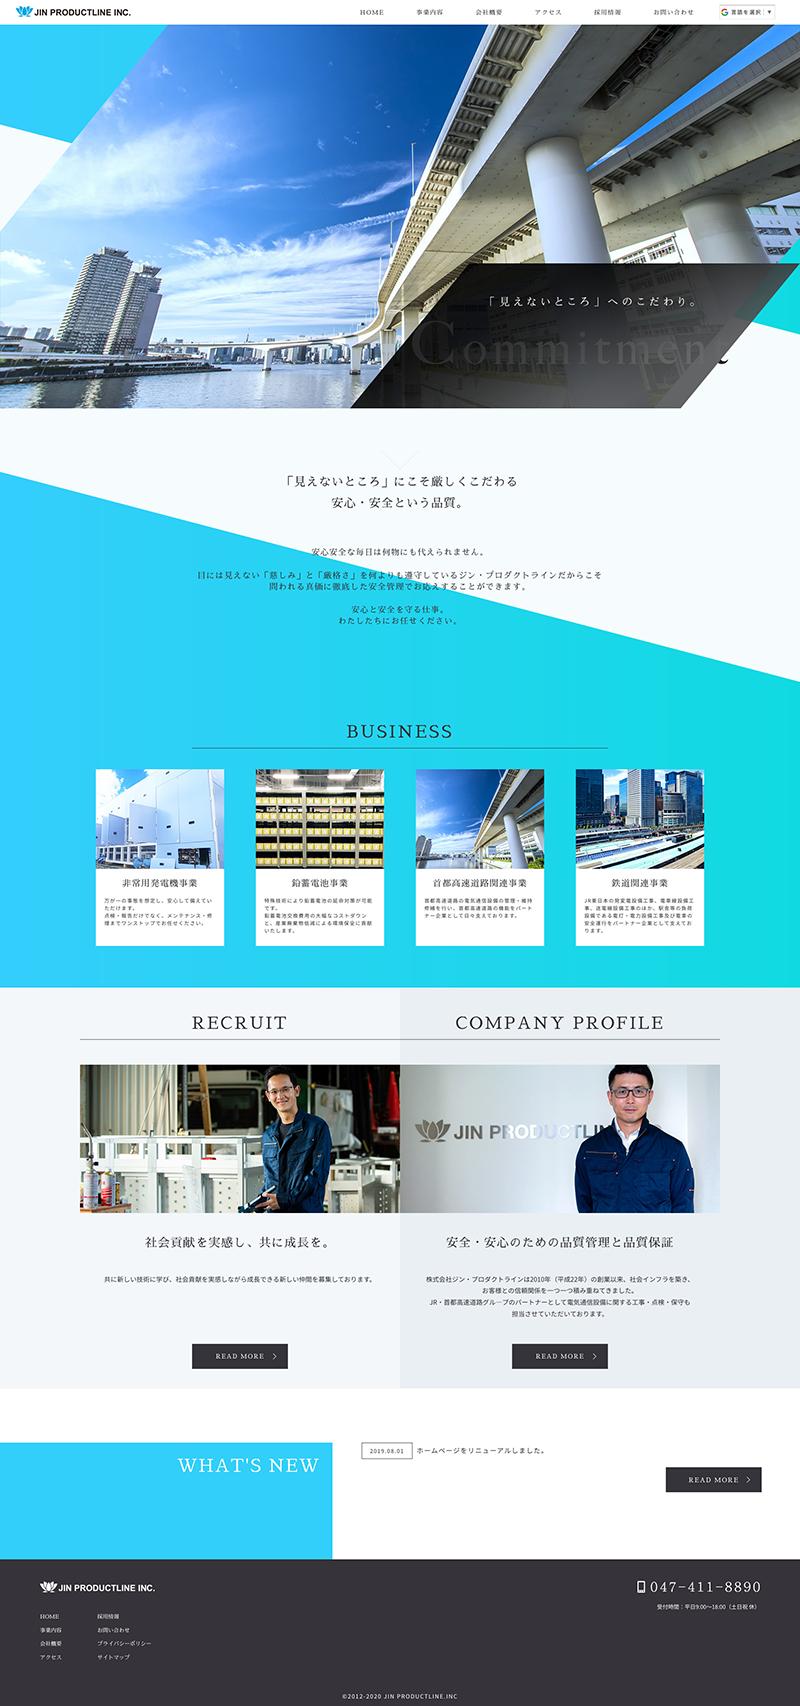 ホームページ制作実績株式会社ジン・プロダクトライン | コーポレートサイト